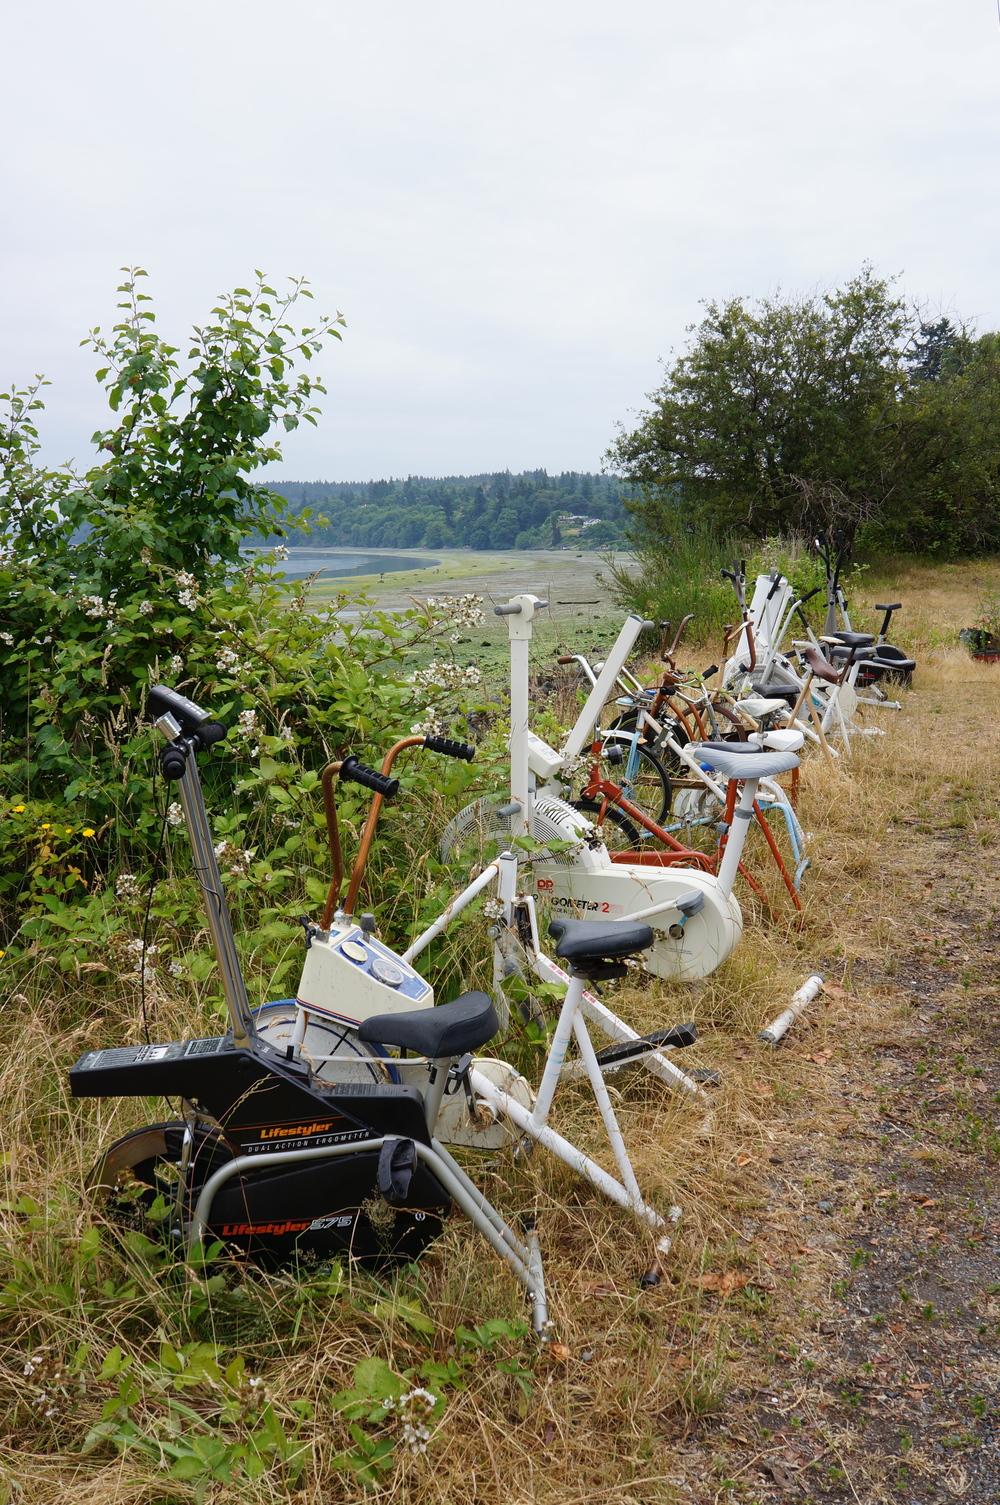 IOA_Vashon_Excercise_Bikes.jpg